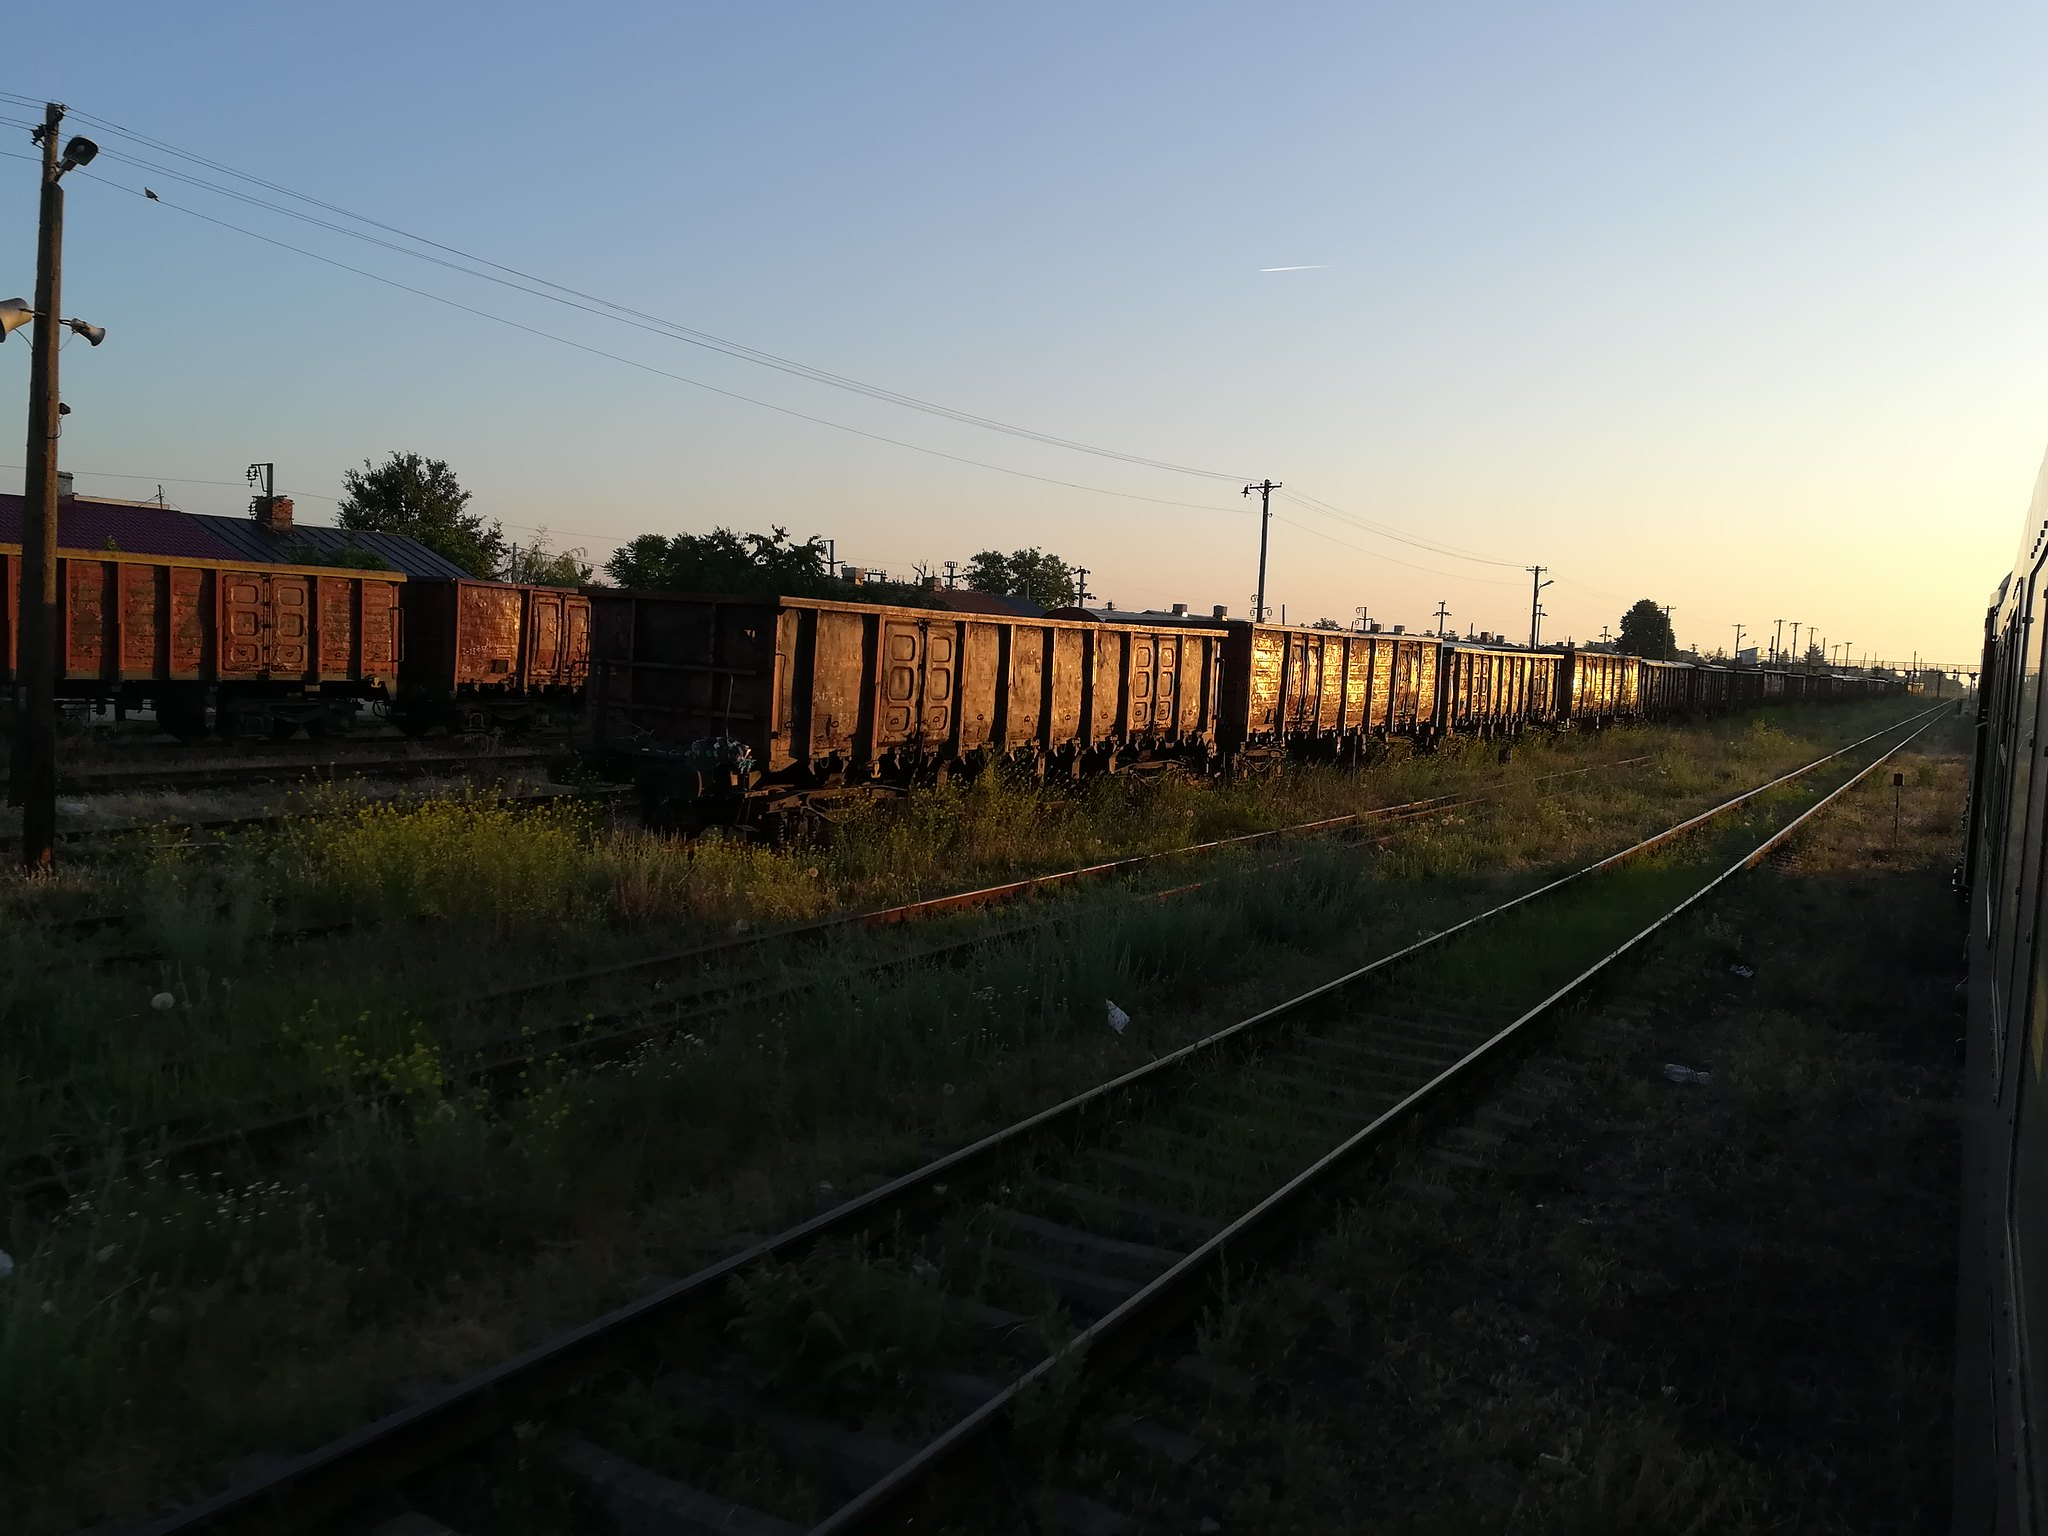 Reportaje feroviare Adirmvl - Pagina 15 29900260767_37b14f7732_k